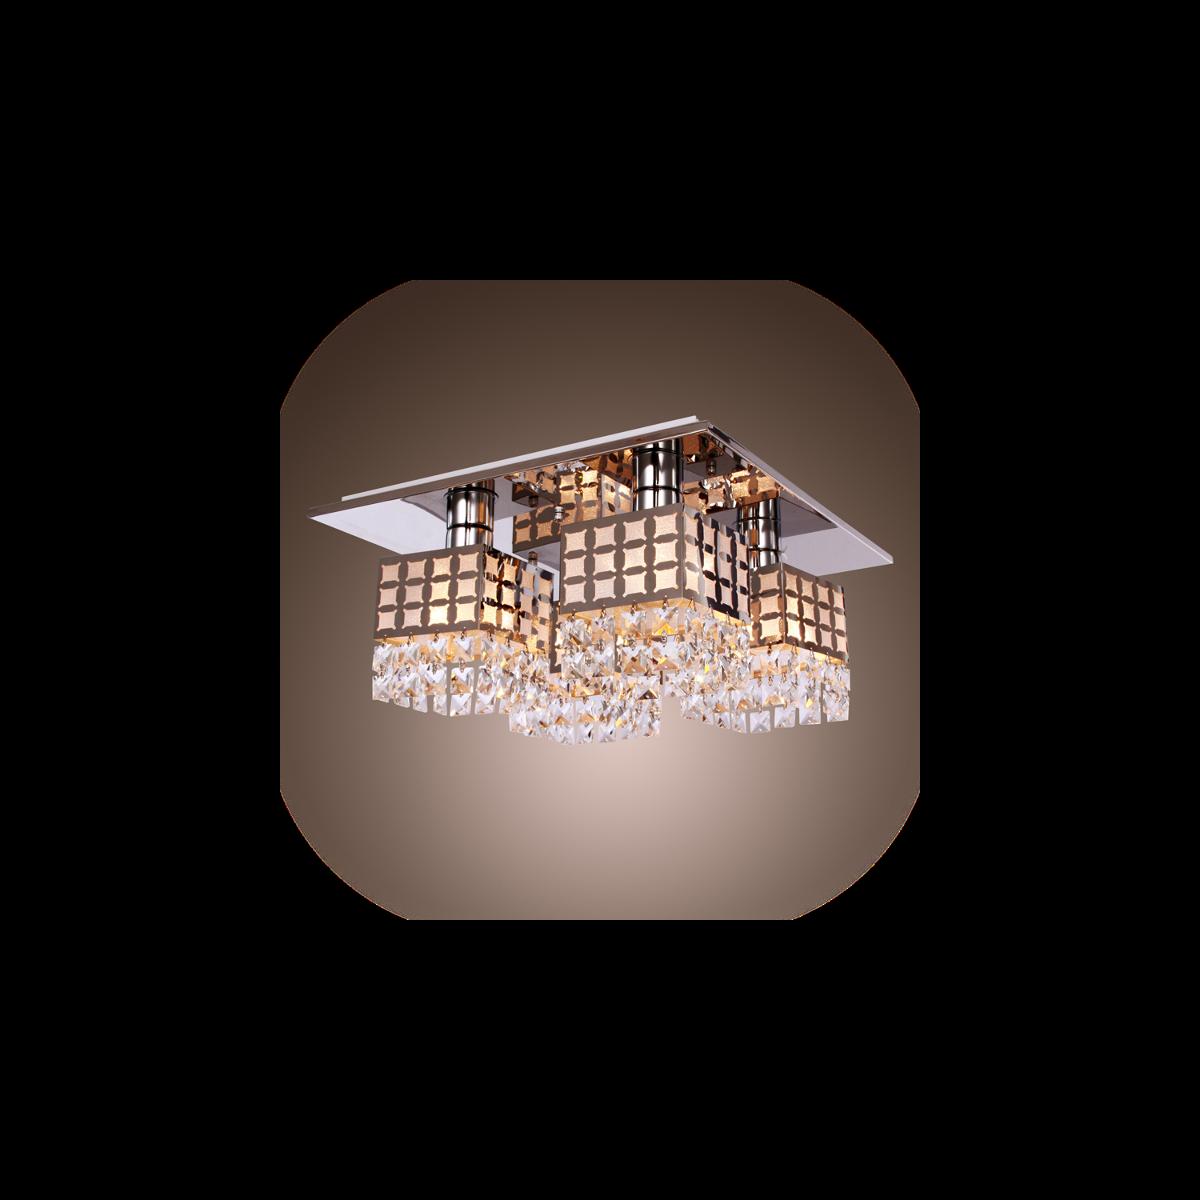 lamp2_1200